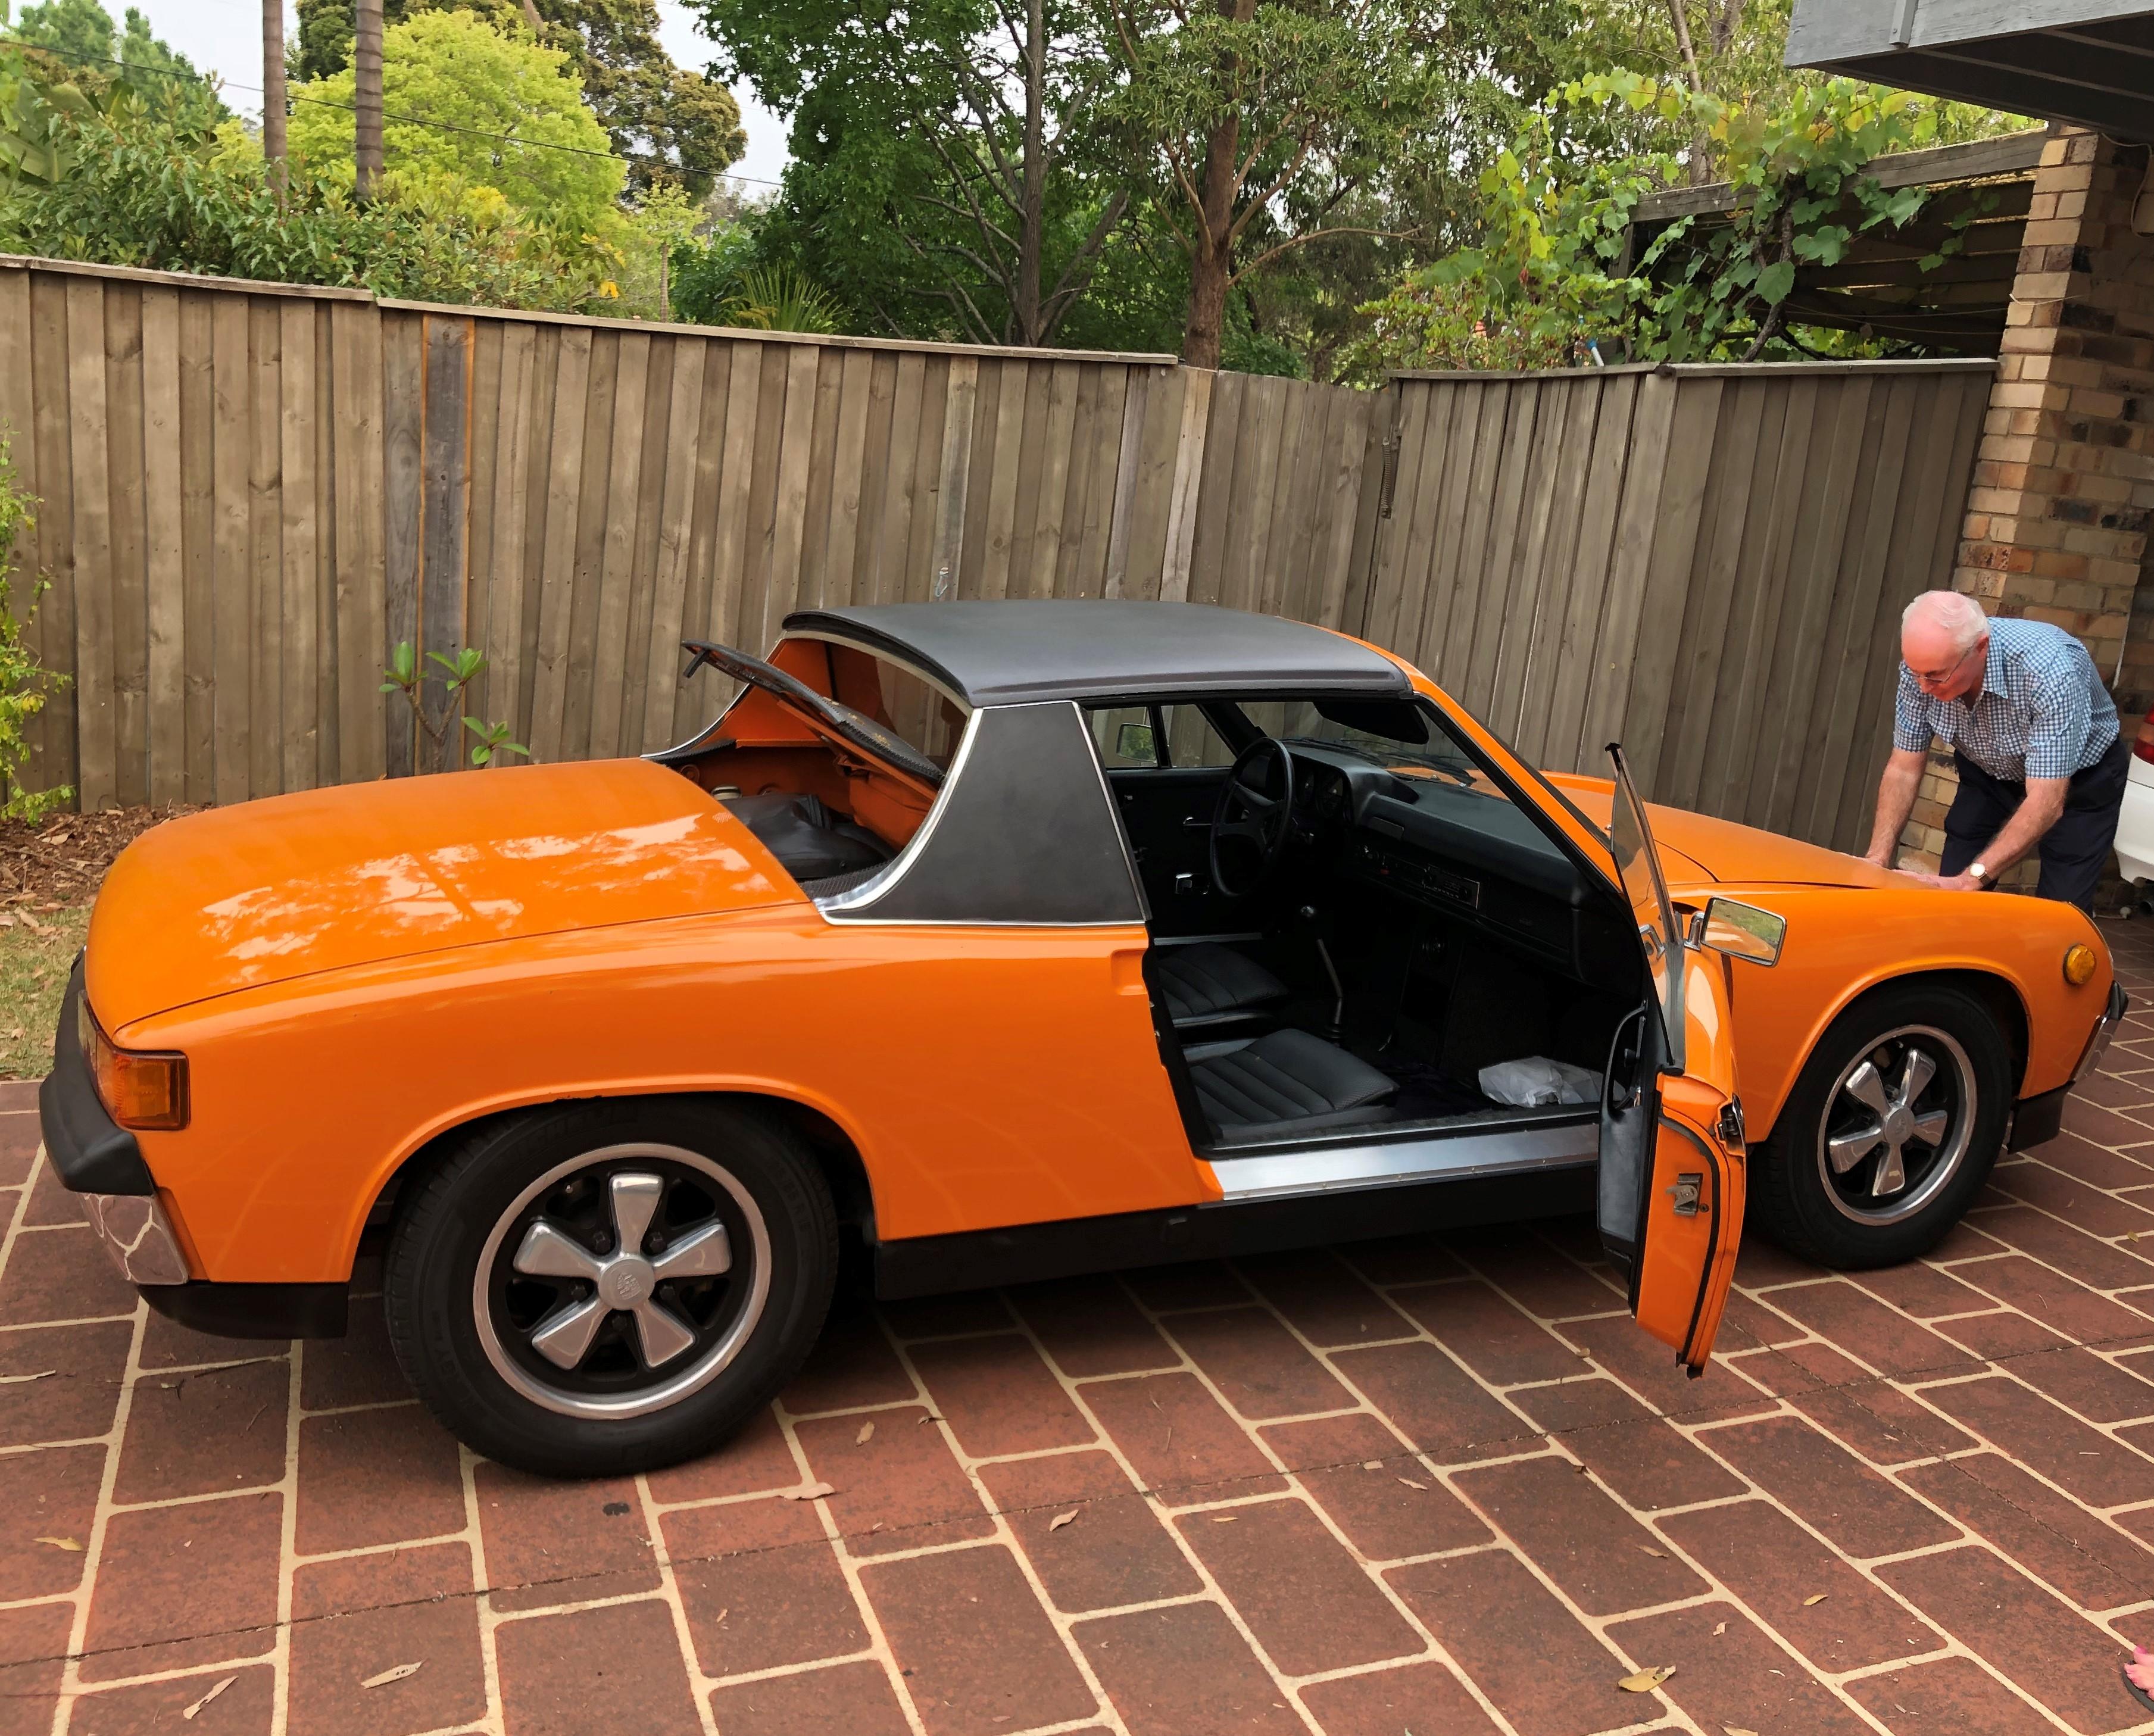 Der Mittelmotor im VW Porsche 914 setzte neue Maßstäbe. Durch die Versetzung von Motor und Getriebe in die Mitte des Fahrzeugs konnte eine optimale Gewichtsverteilung realisiert werden. Photo by Emerson Reed and Dennis Brooks